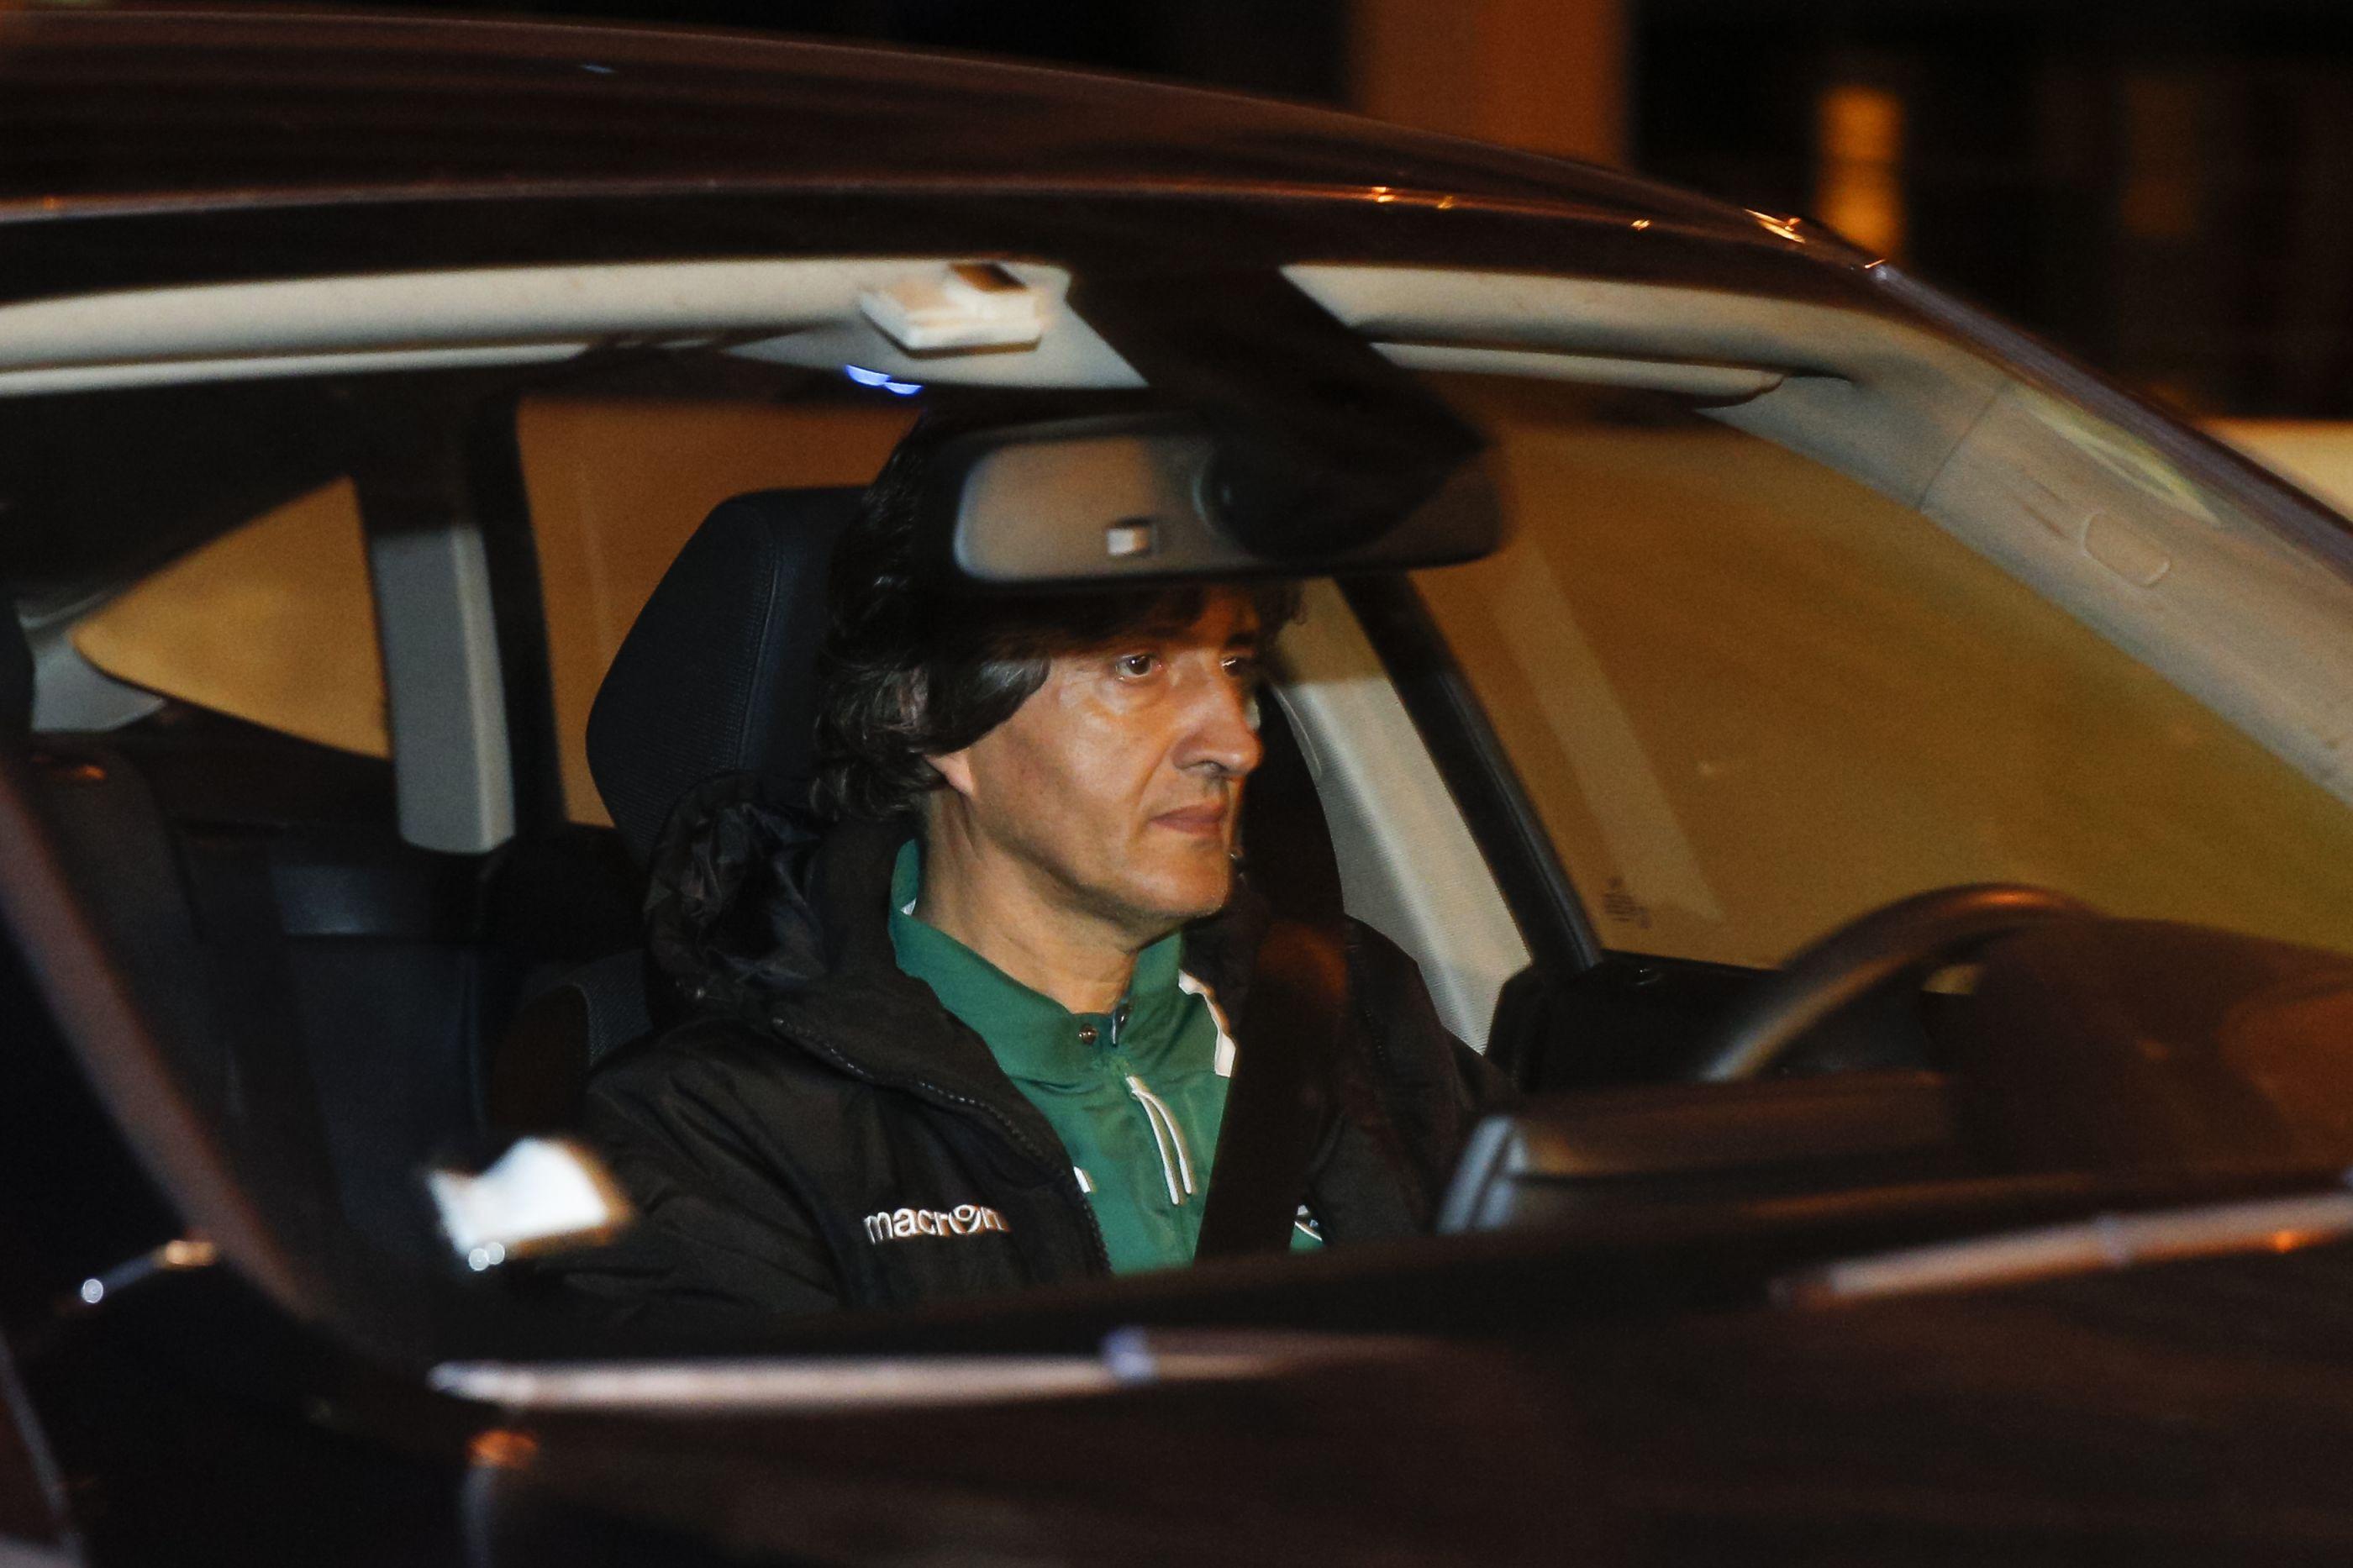 Raul José chega em janeiro. Eis os homens fortes do futebol do Sporting